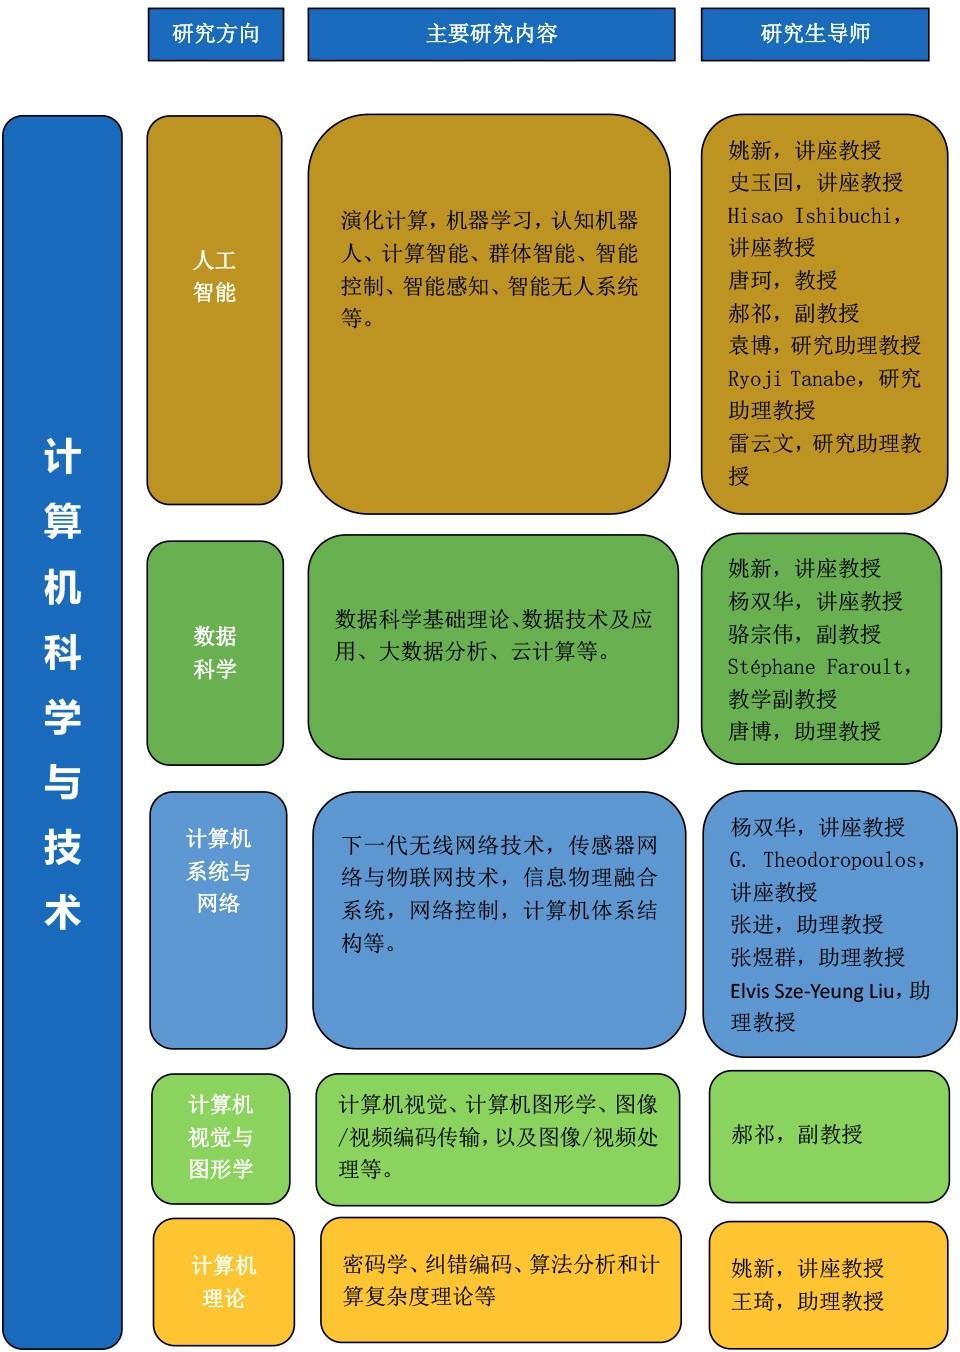 研究生招生图2-1.jpg